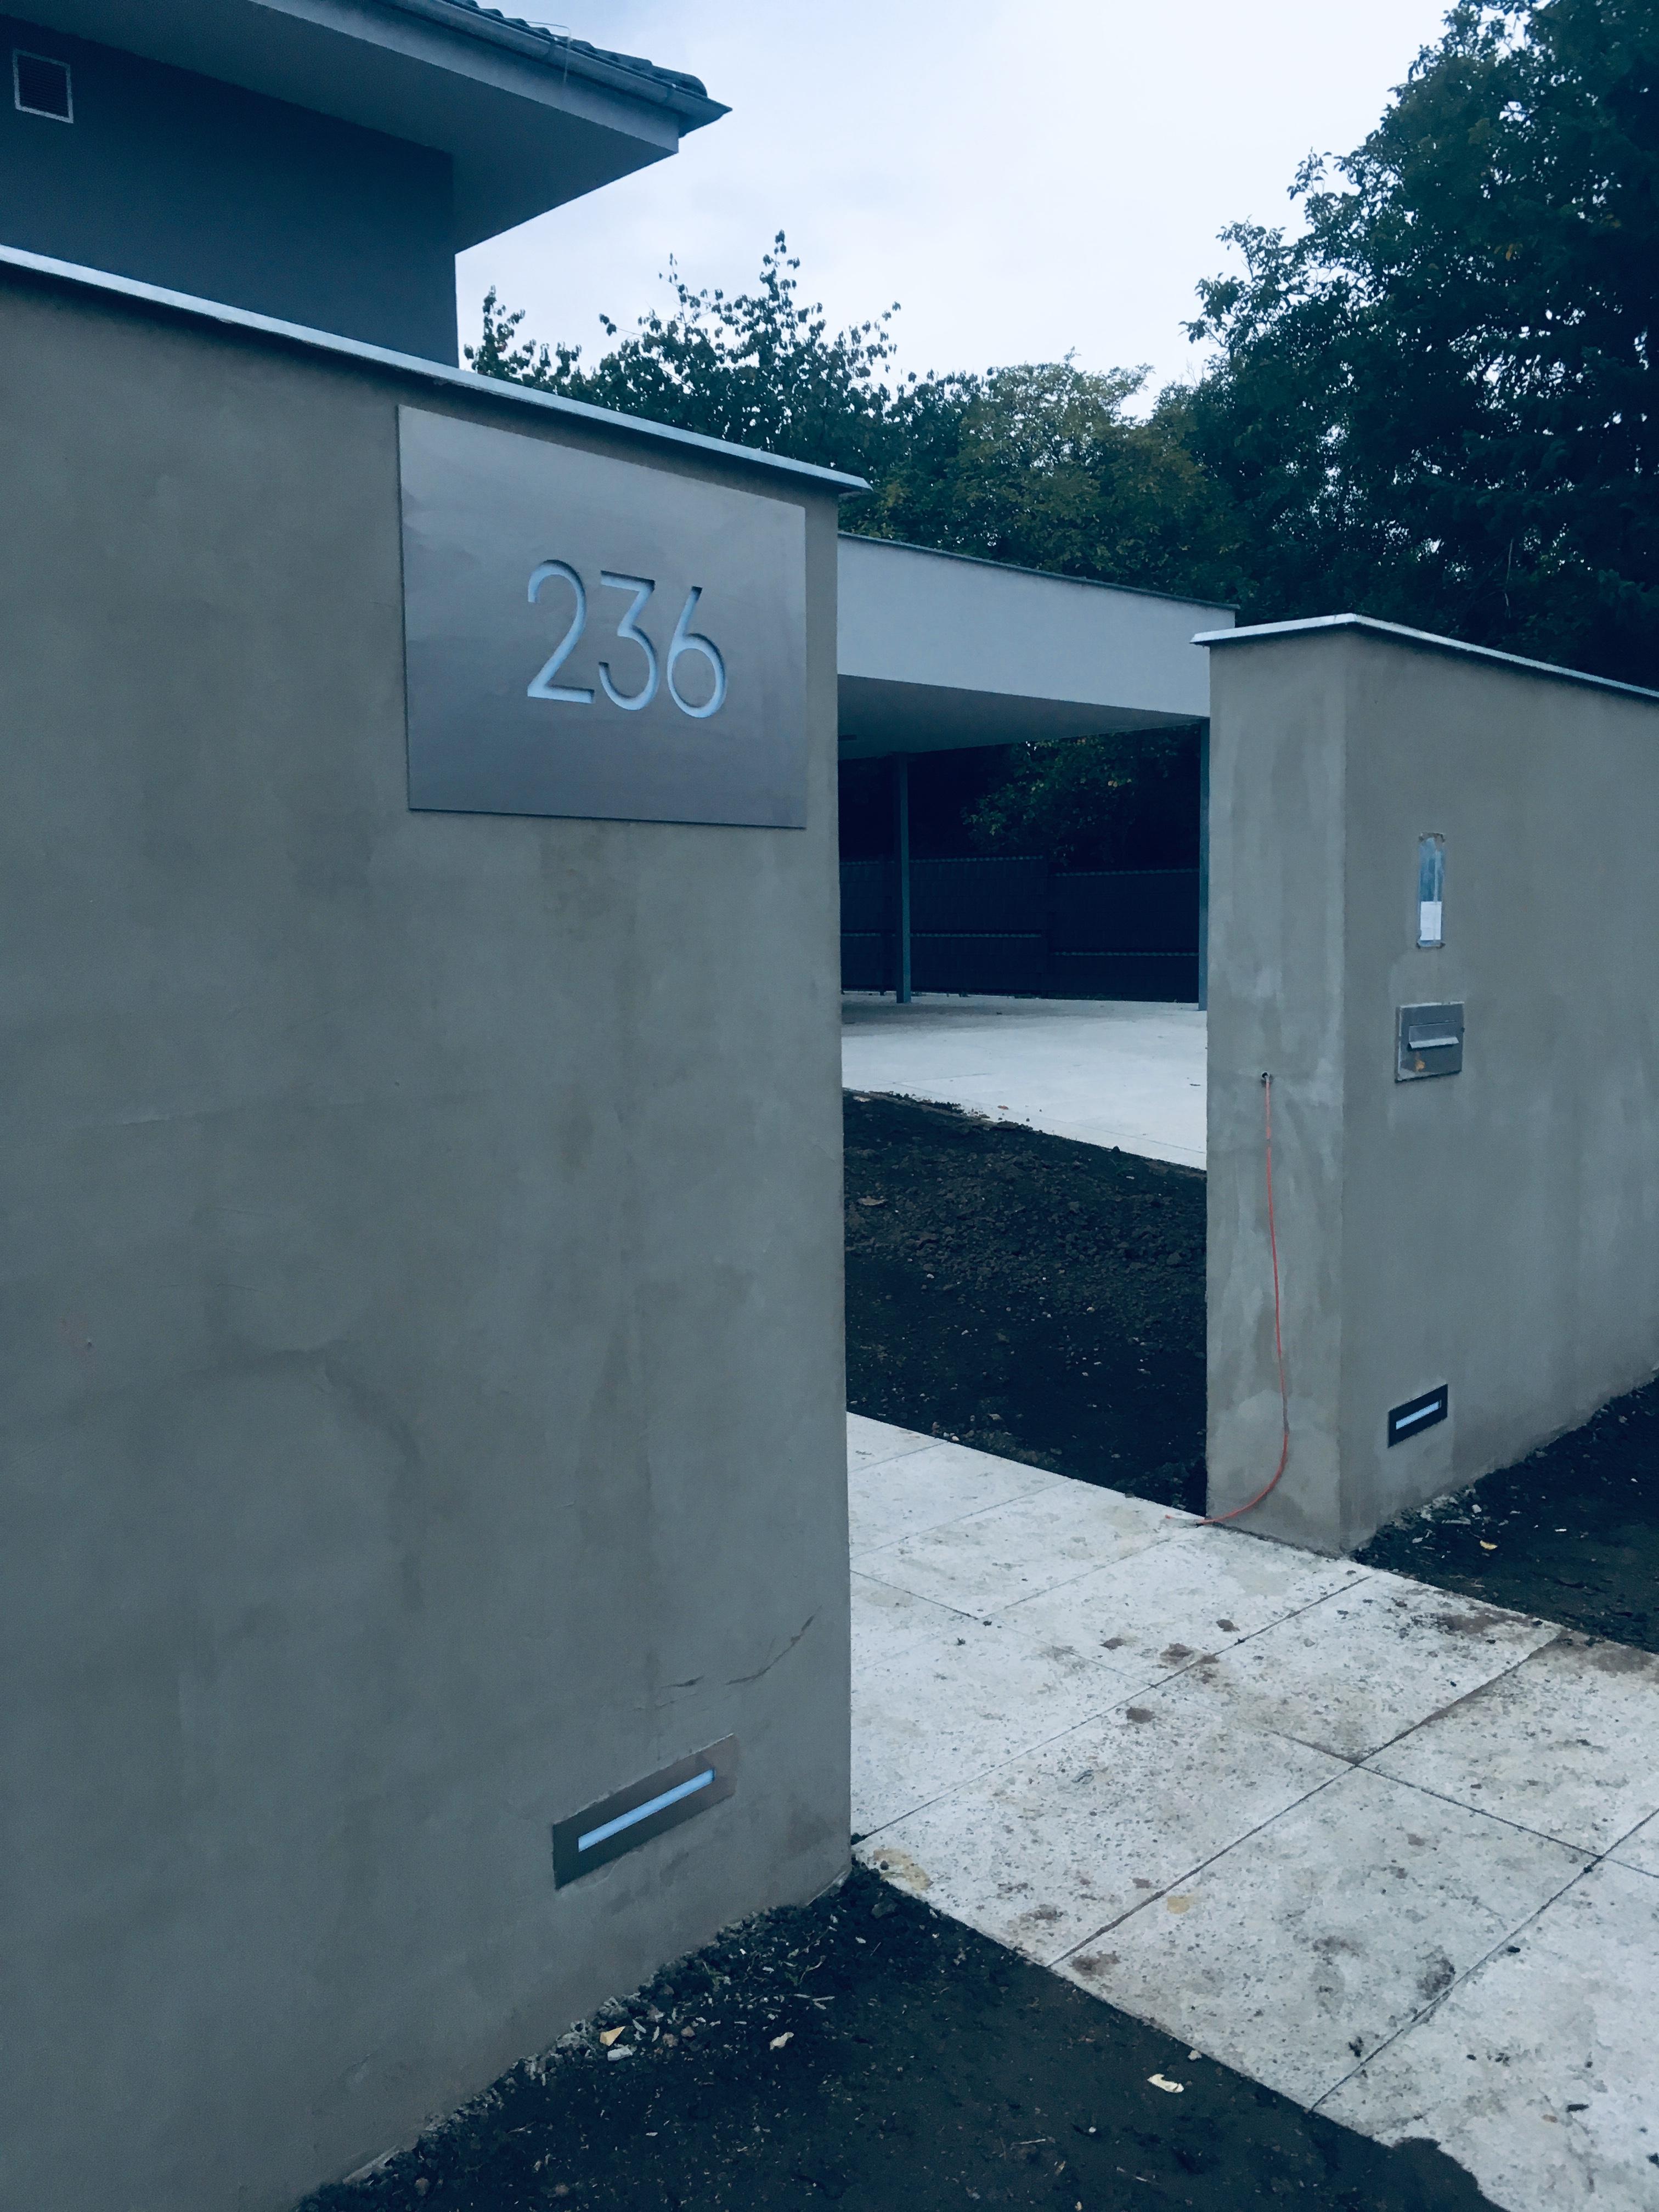 Světelné popisné číslo domu